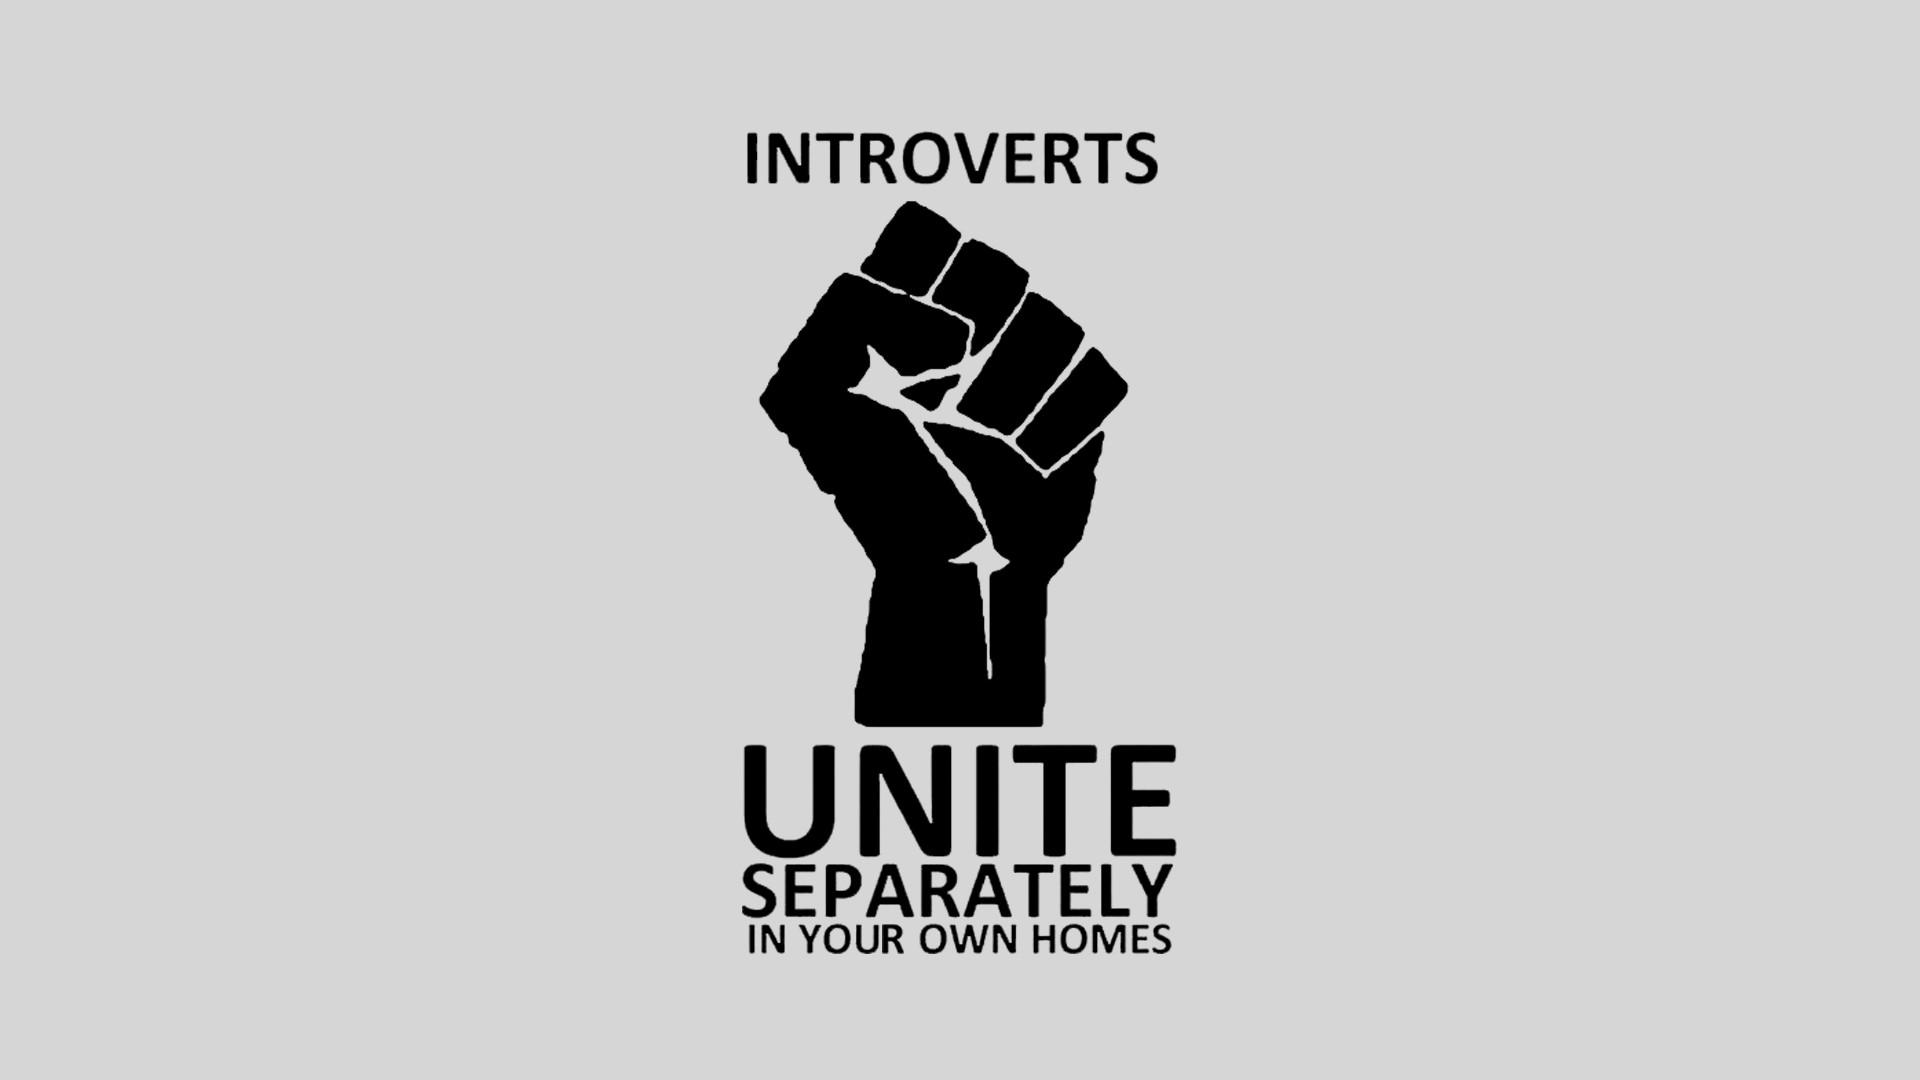 обои интроверт на телефон выкопке